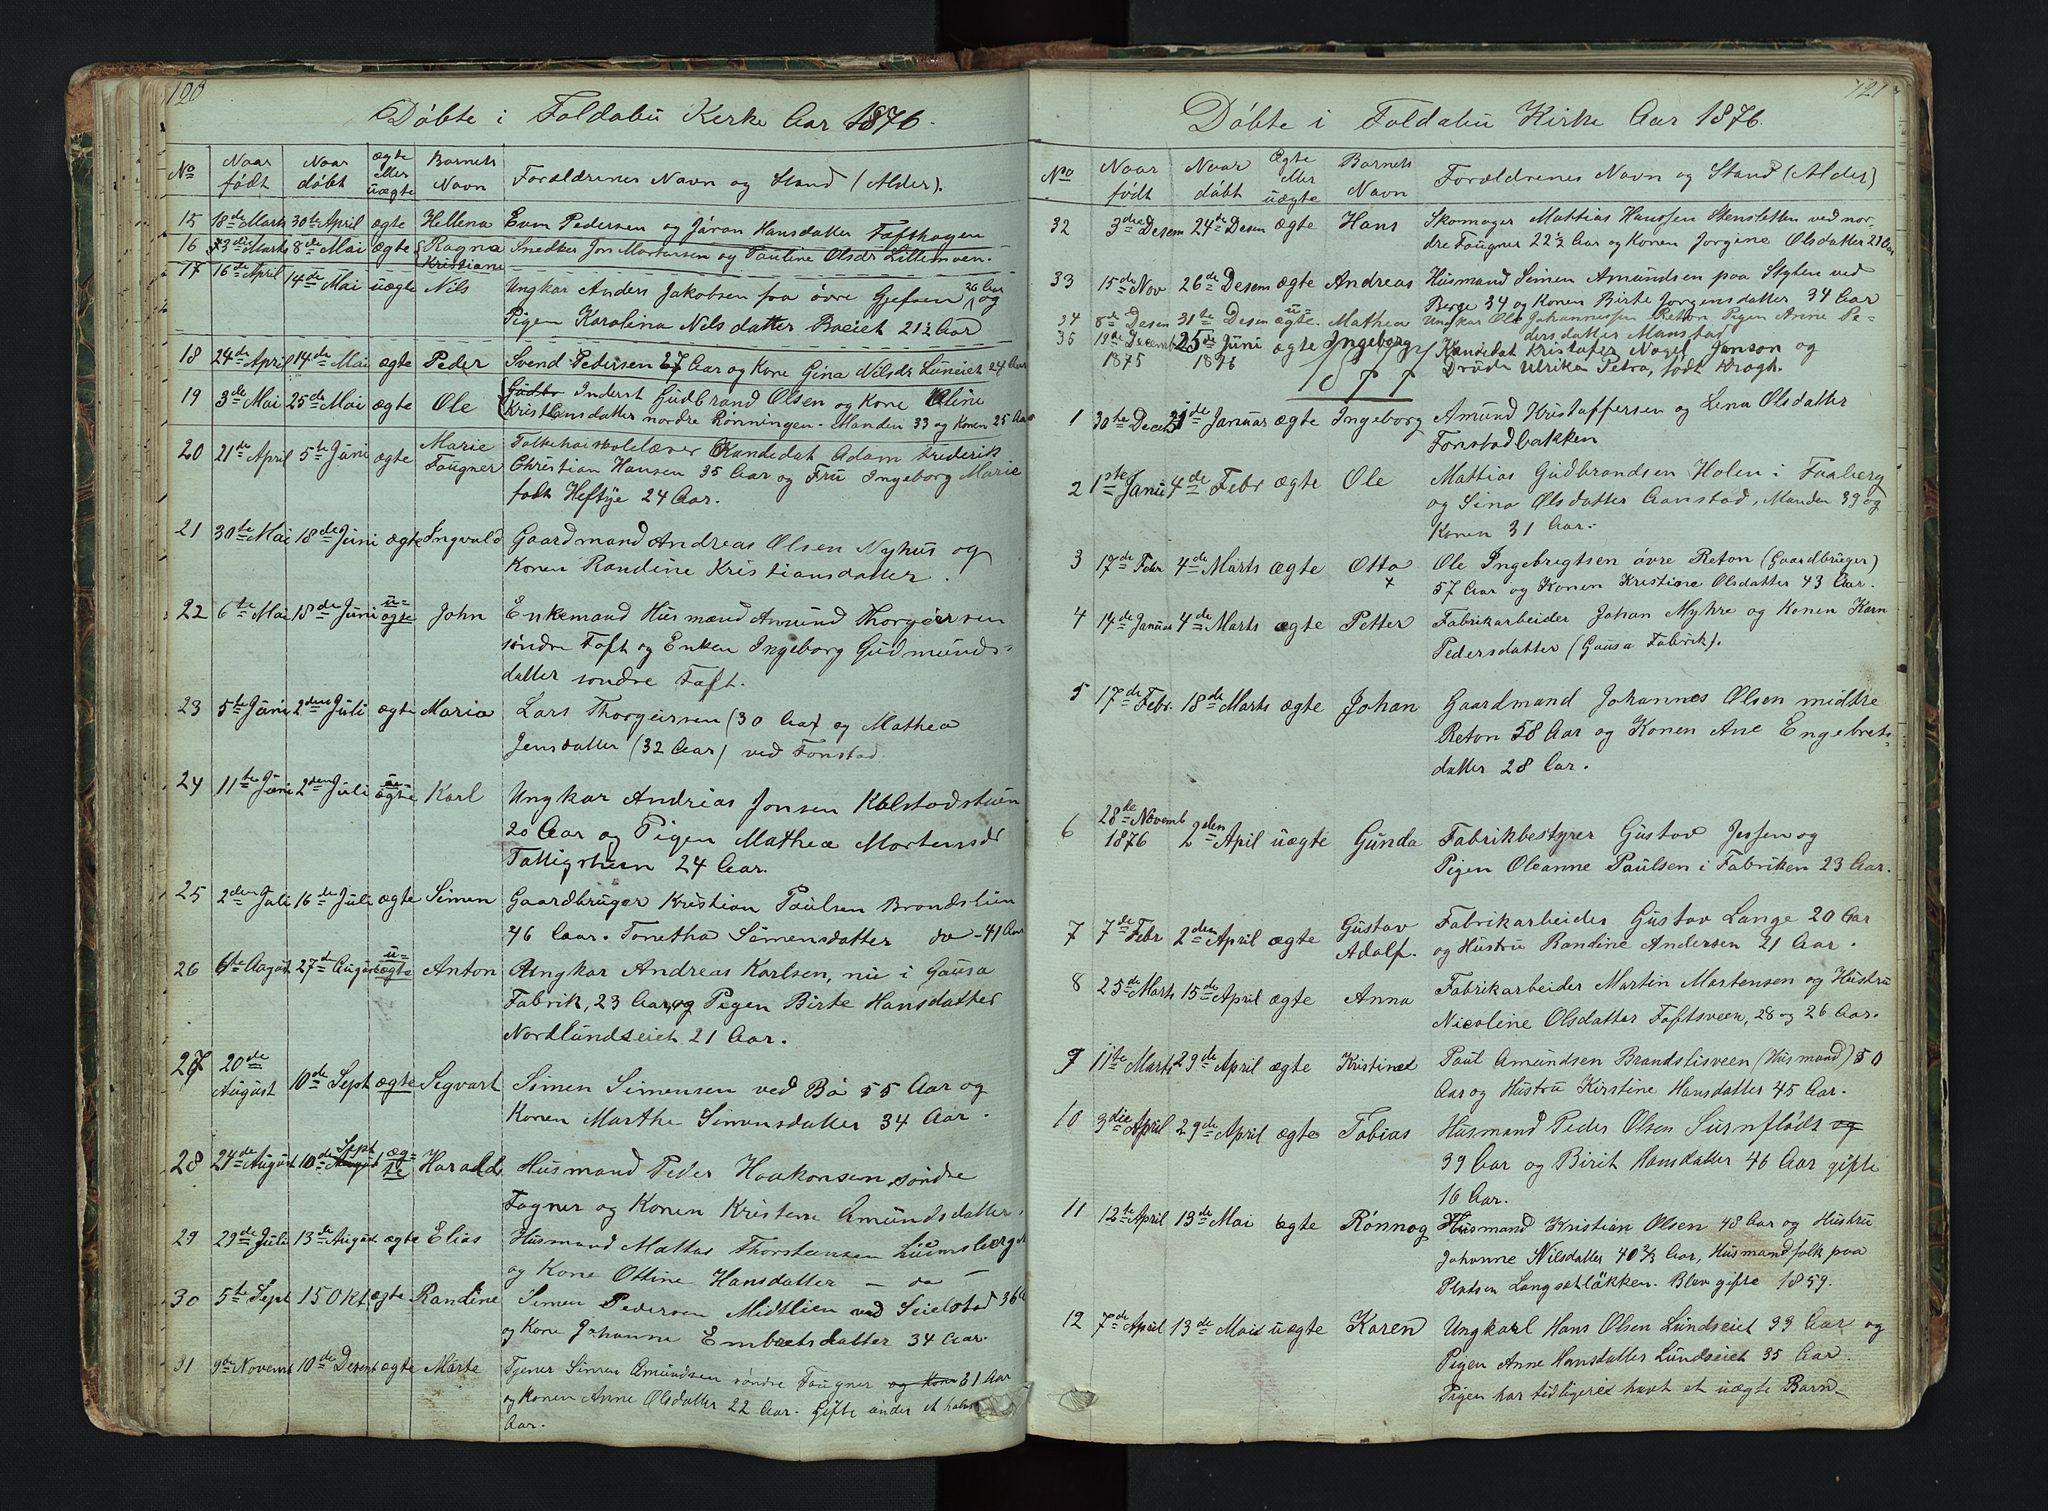 SAH, Gausdal prestekontor, Klokkerbok nr. 6, 1846-1893, s. 120-121